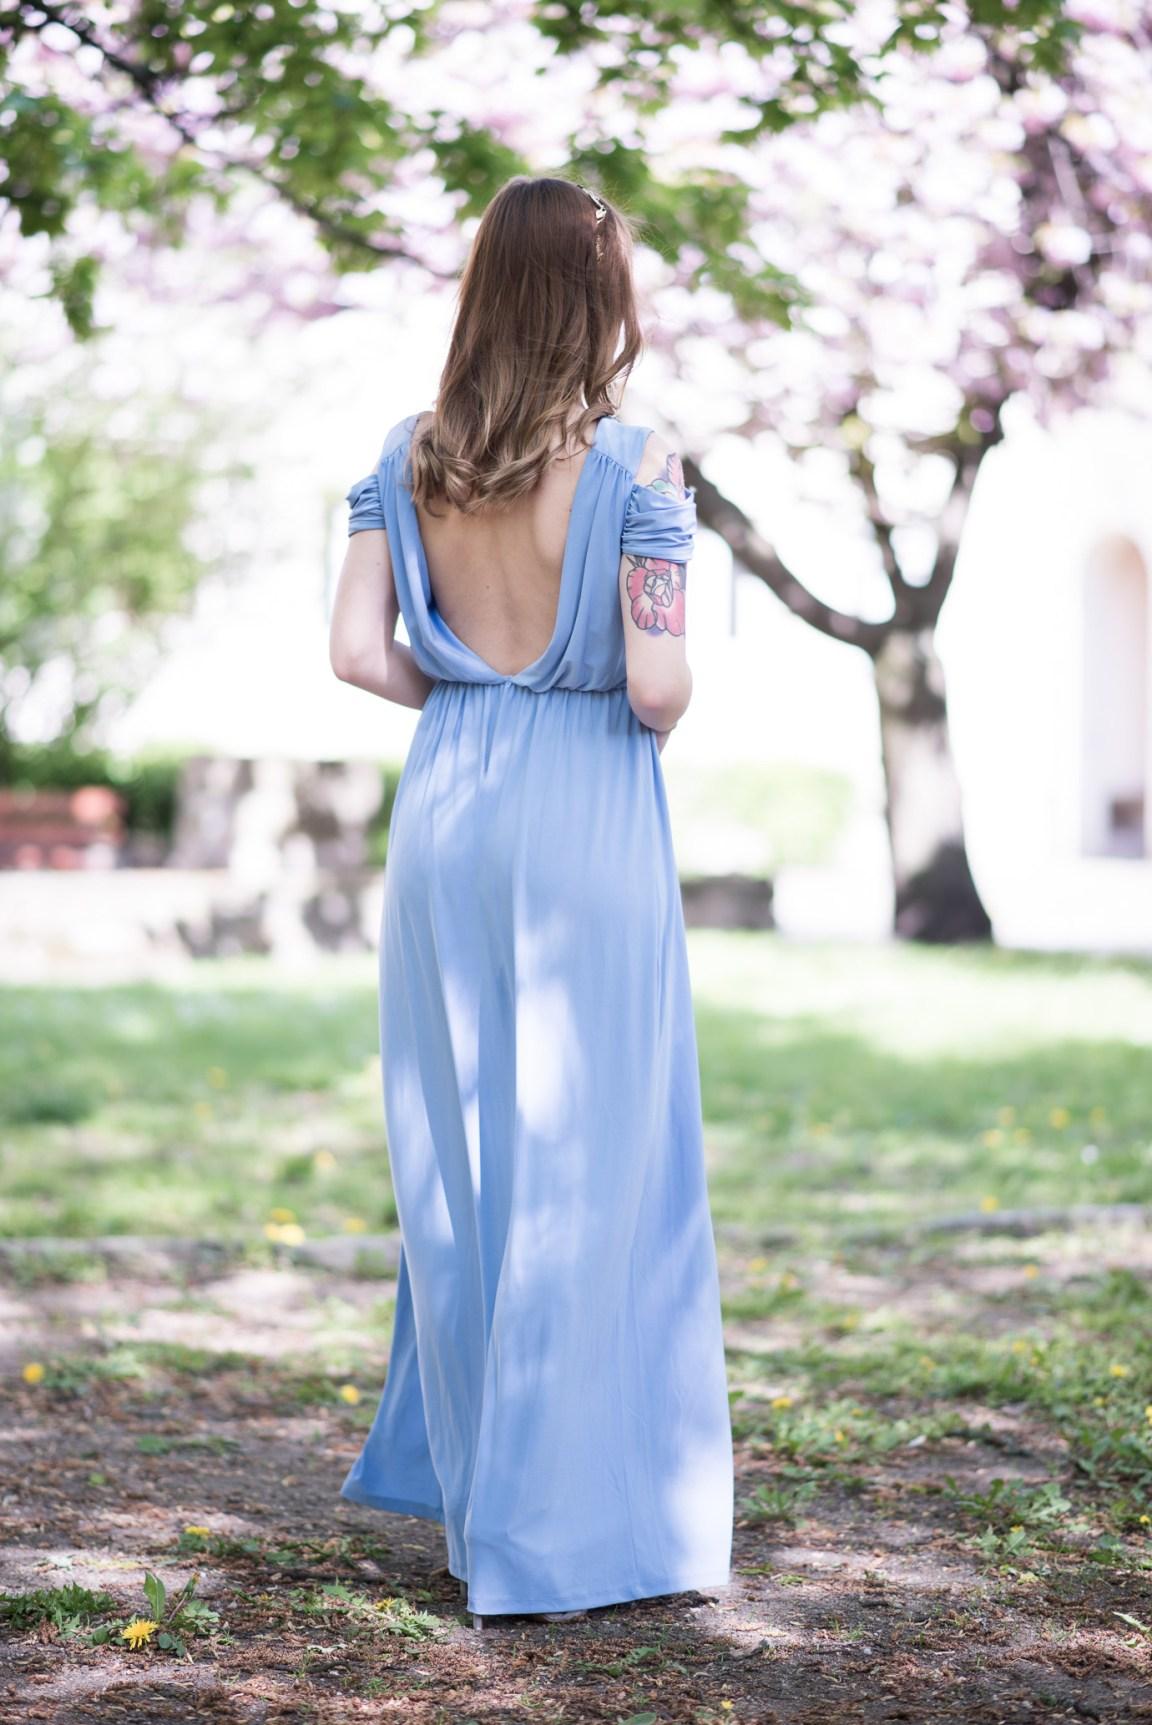 Bridemaid_Outfit_Idea_ASOS_Wedding_3